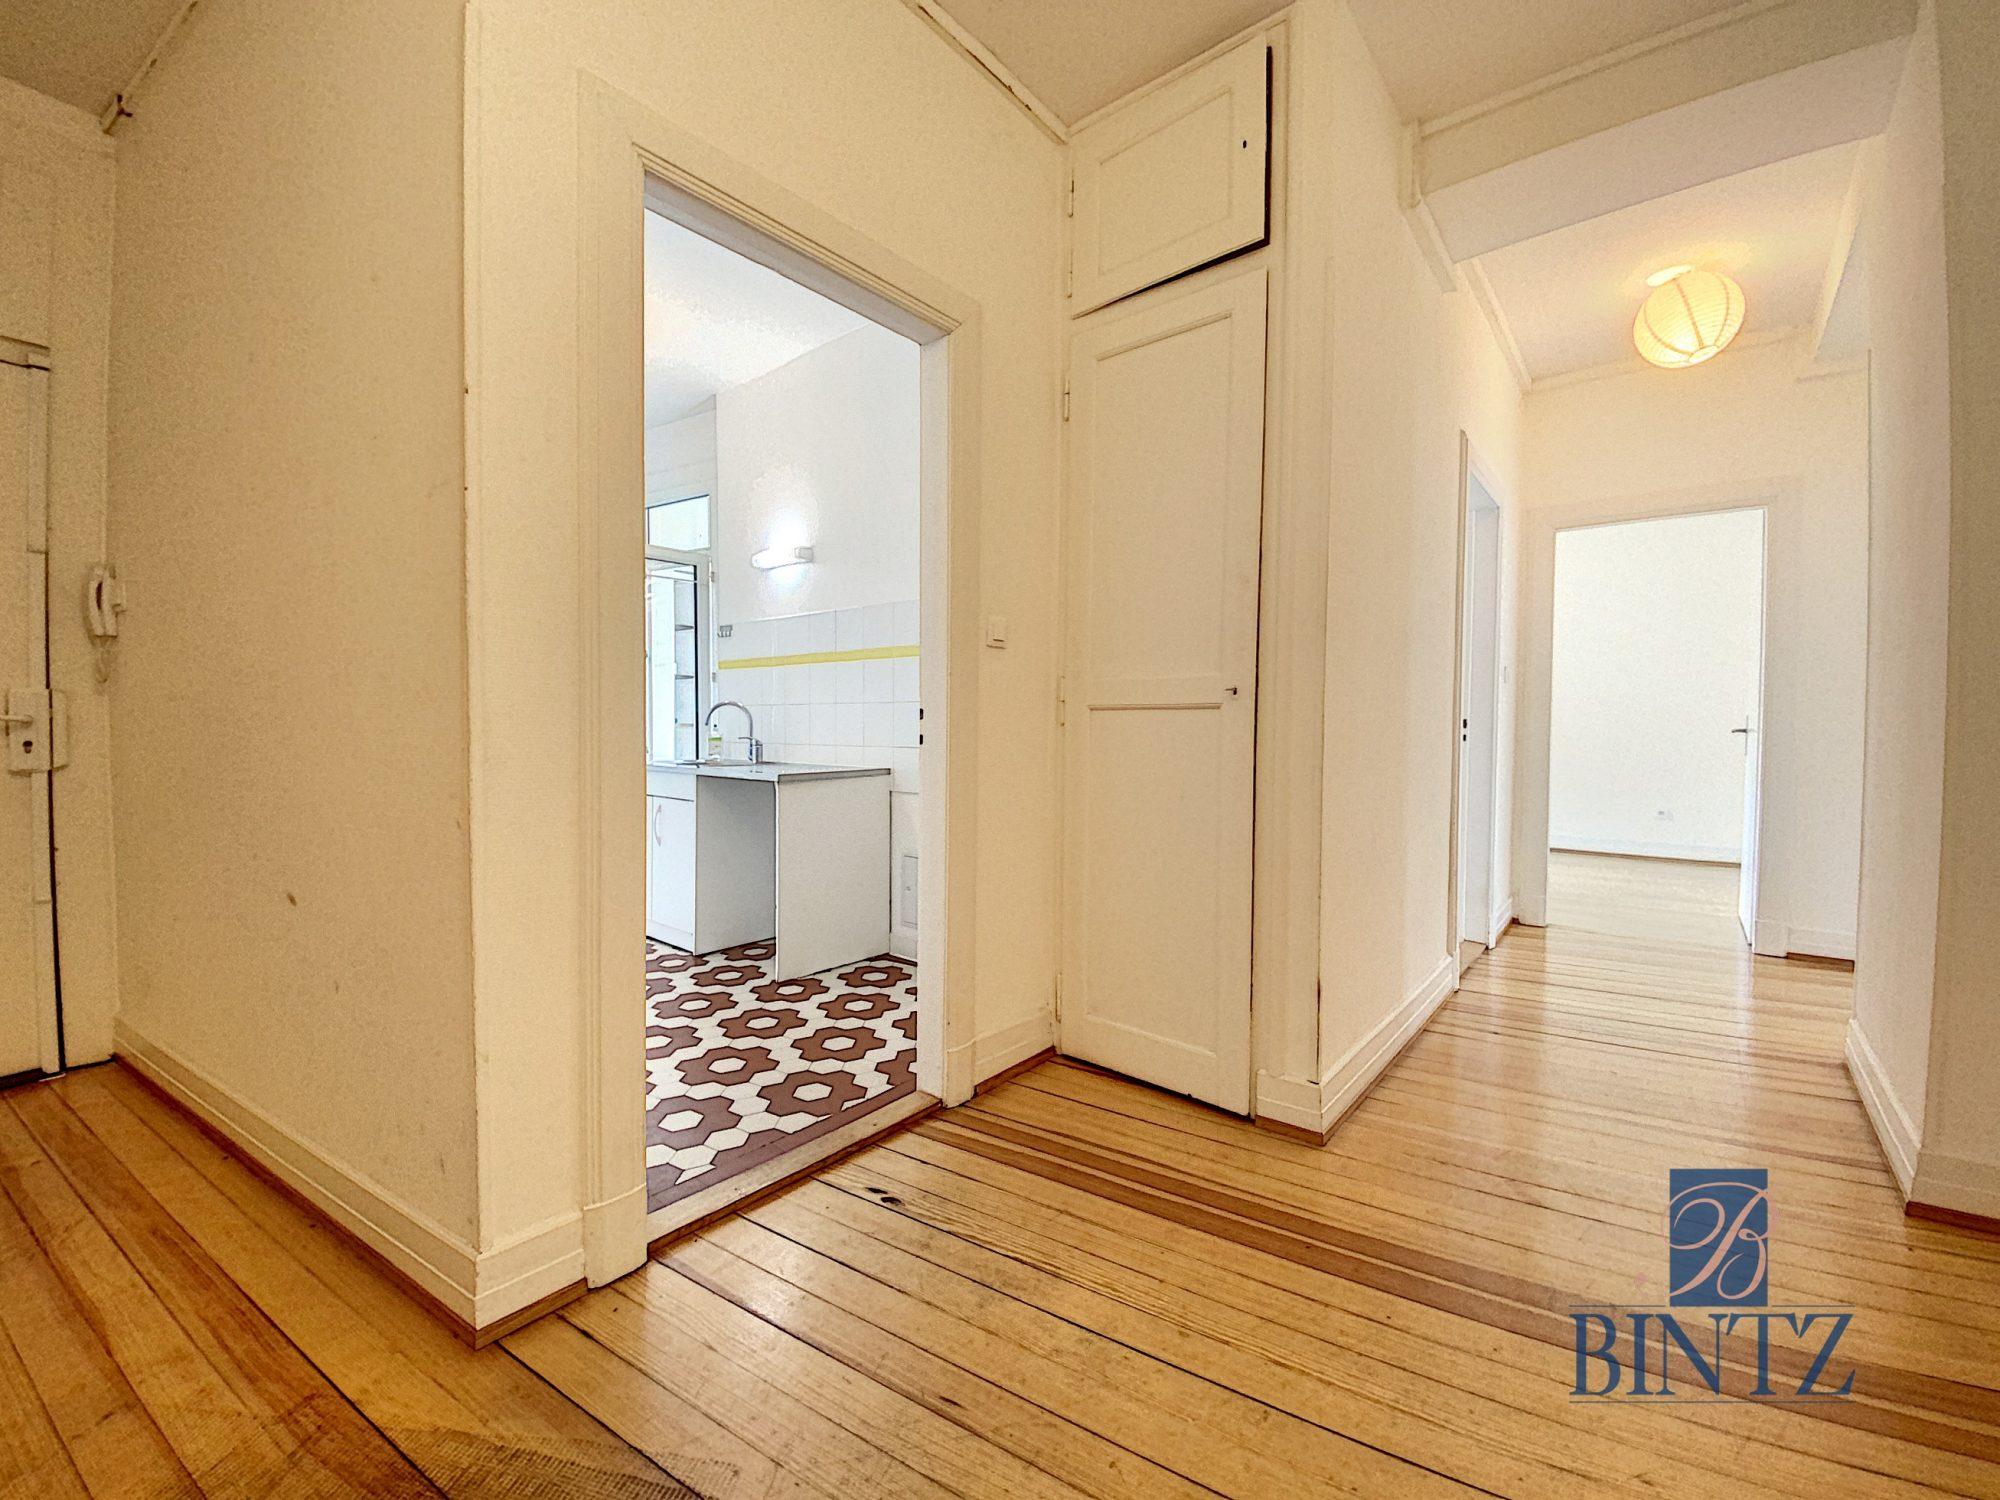 GRAND 2 PIÈCES KRUTENAU - Devenez locataire en toute sérénité - Bintz Immobilier - 1